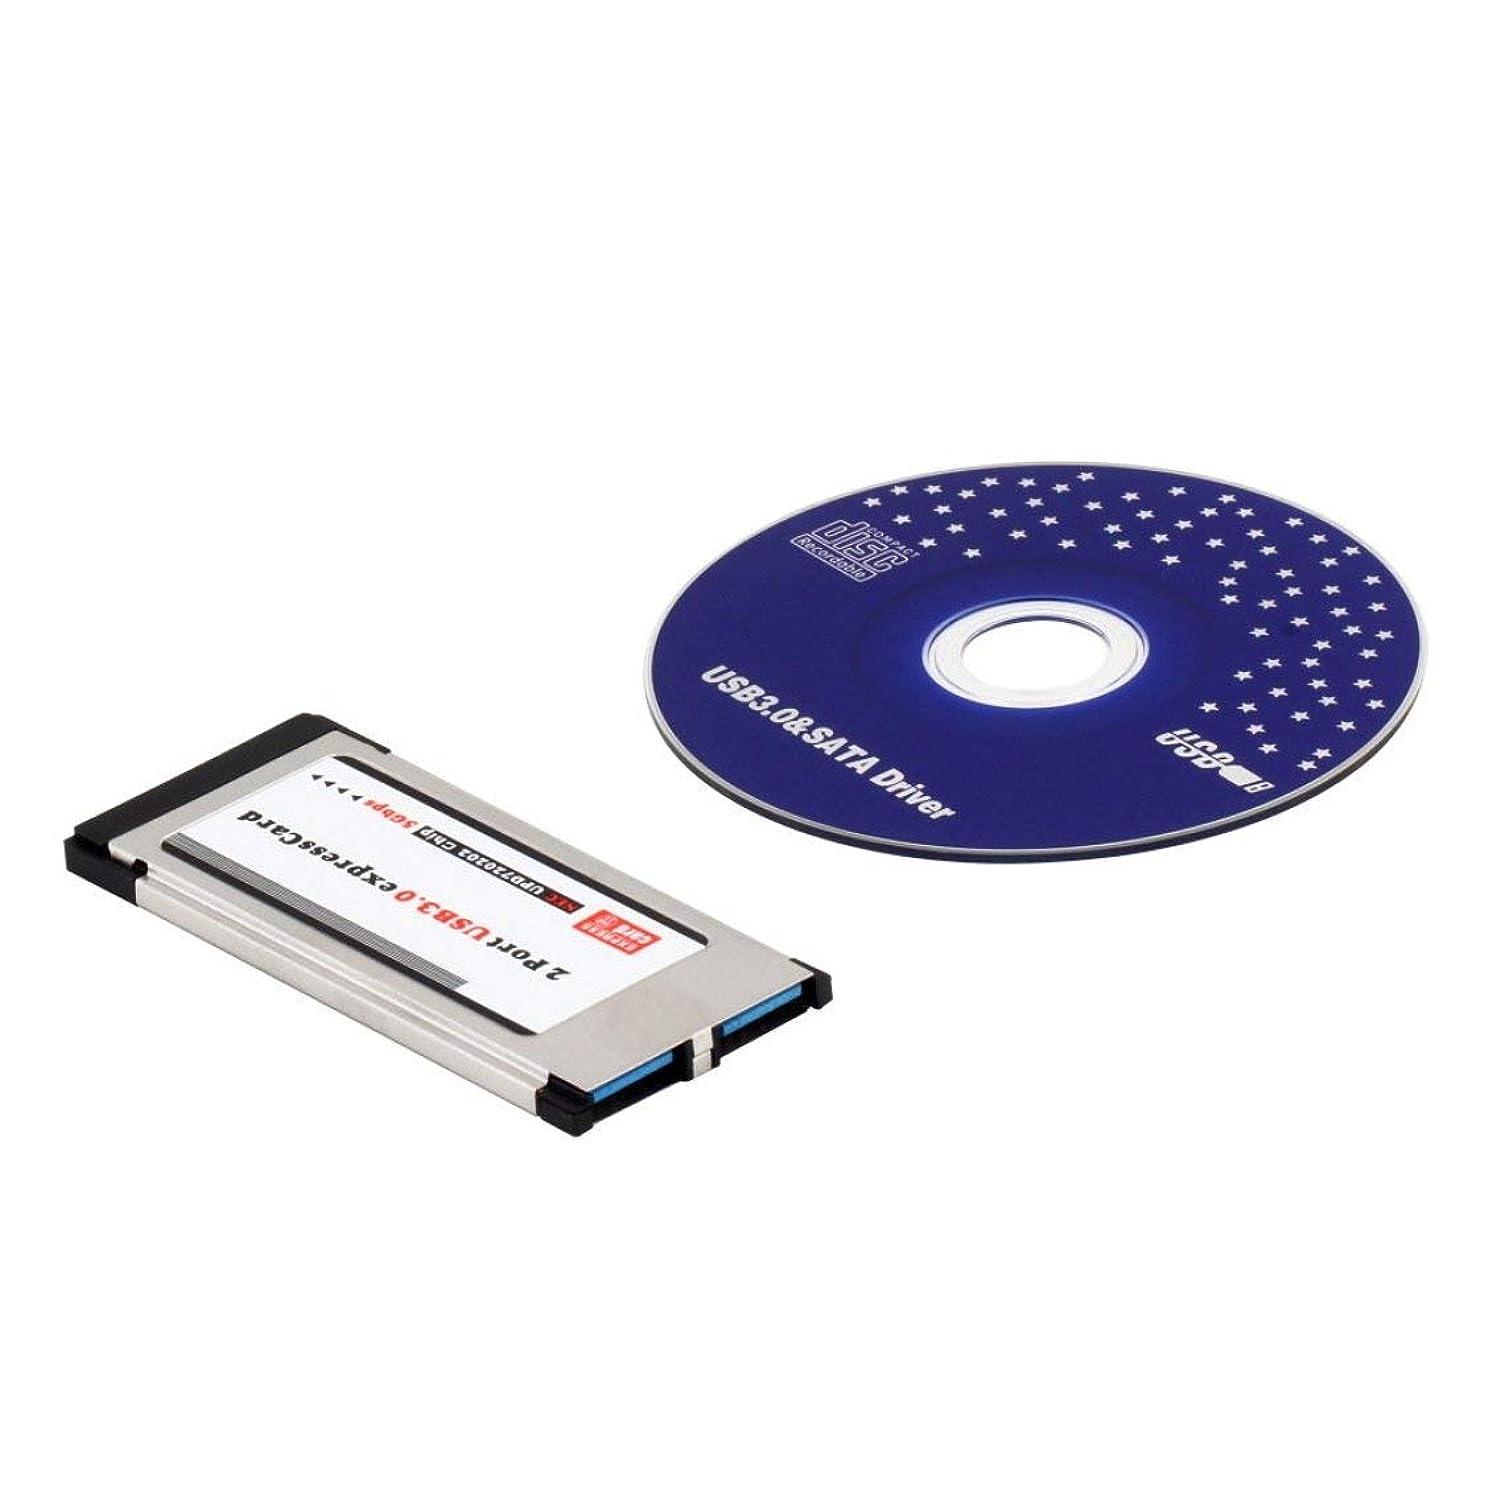 く学期言い訳Followmyheart 高速フルスピードExpressカードExpressカード - USB 3.0 2ポートアダプタ34 mm Expressカードコンバータ5Gbps転送速度